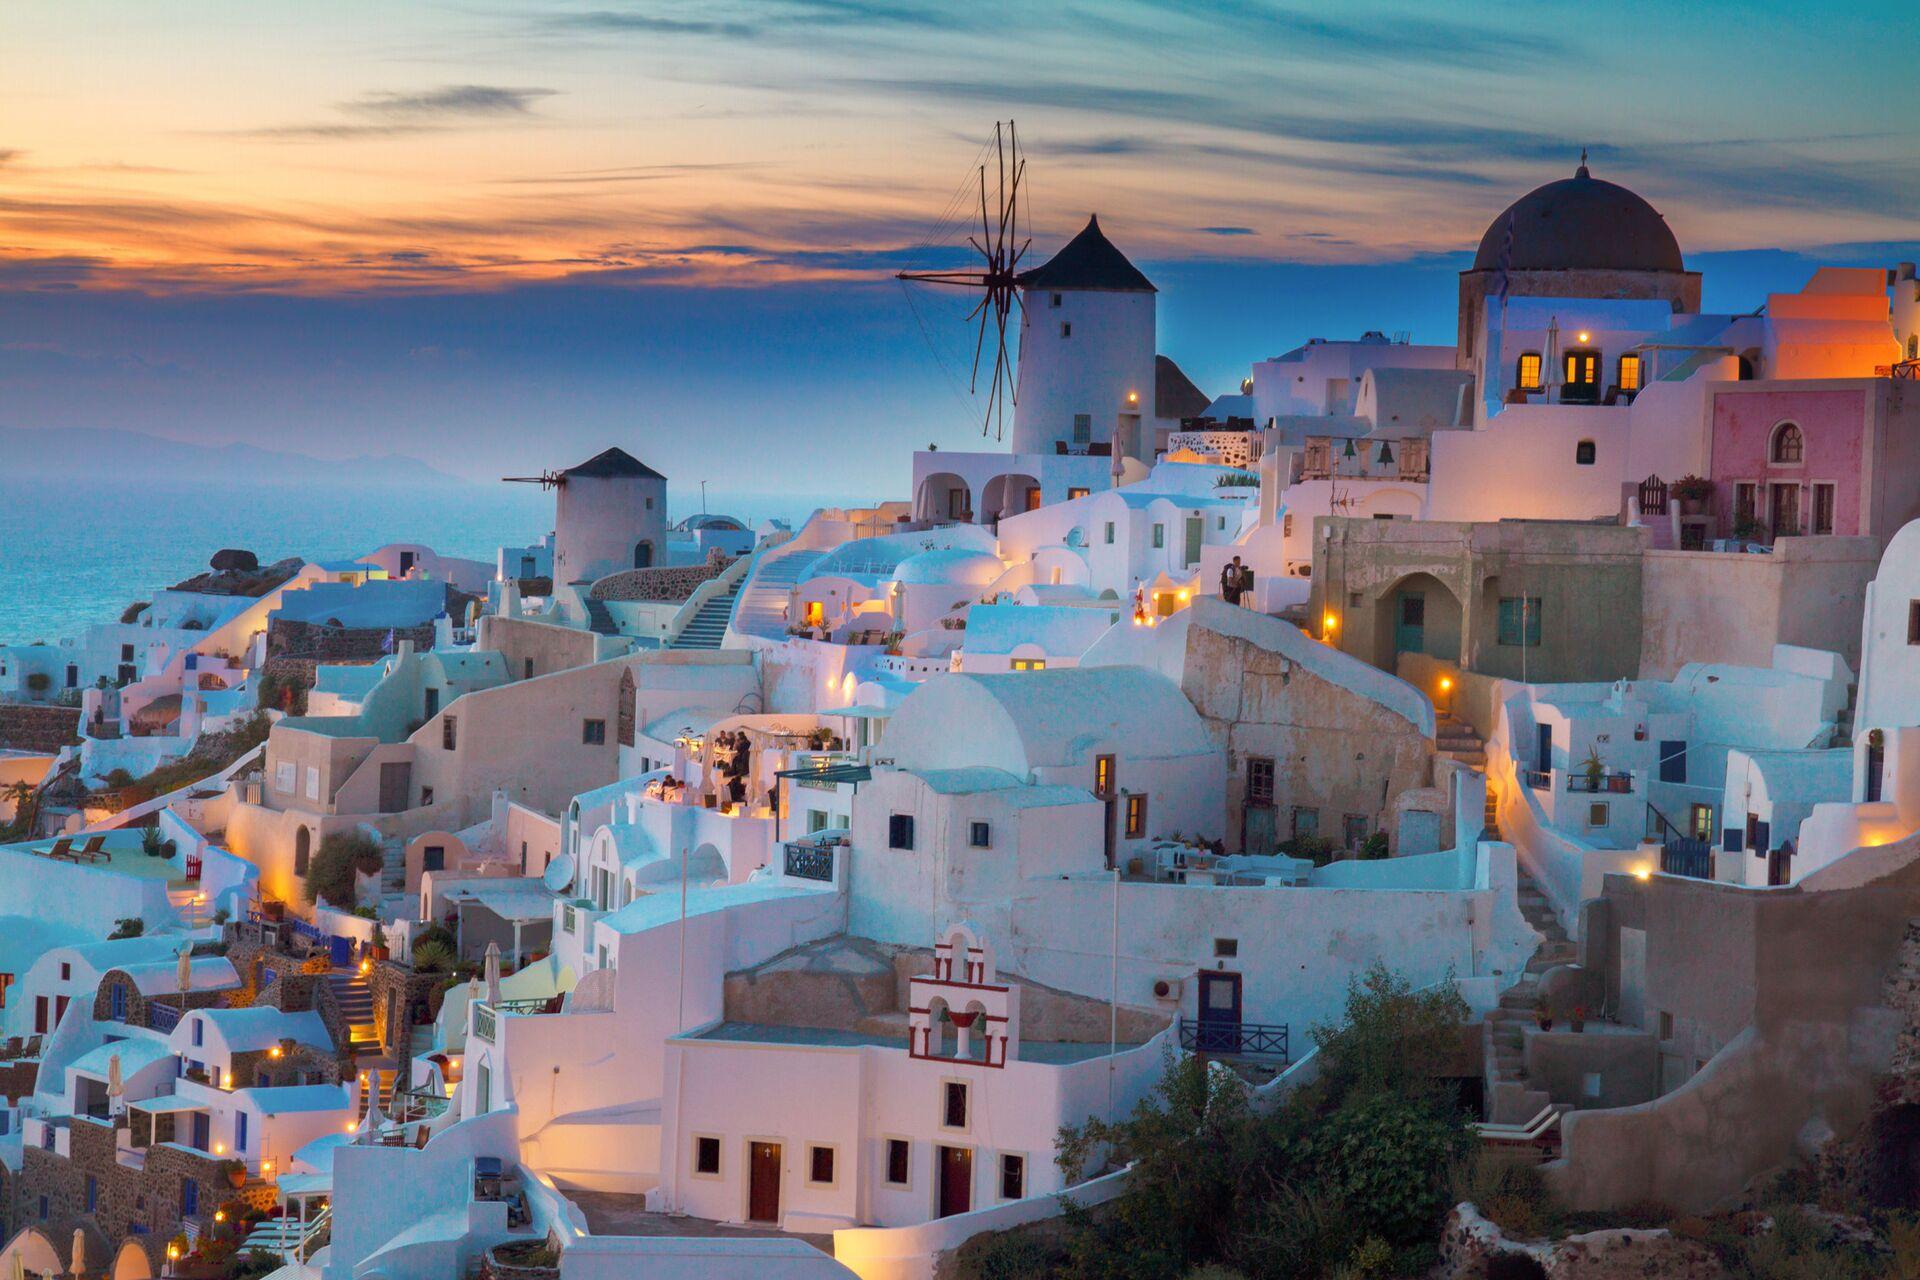 La veduta serale sull'isola Santorini nel mar Egeo in Grecia. - Sputnik Italia, 1920, 07.10.2021